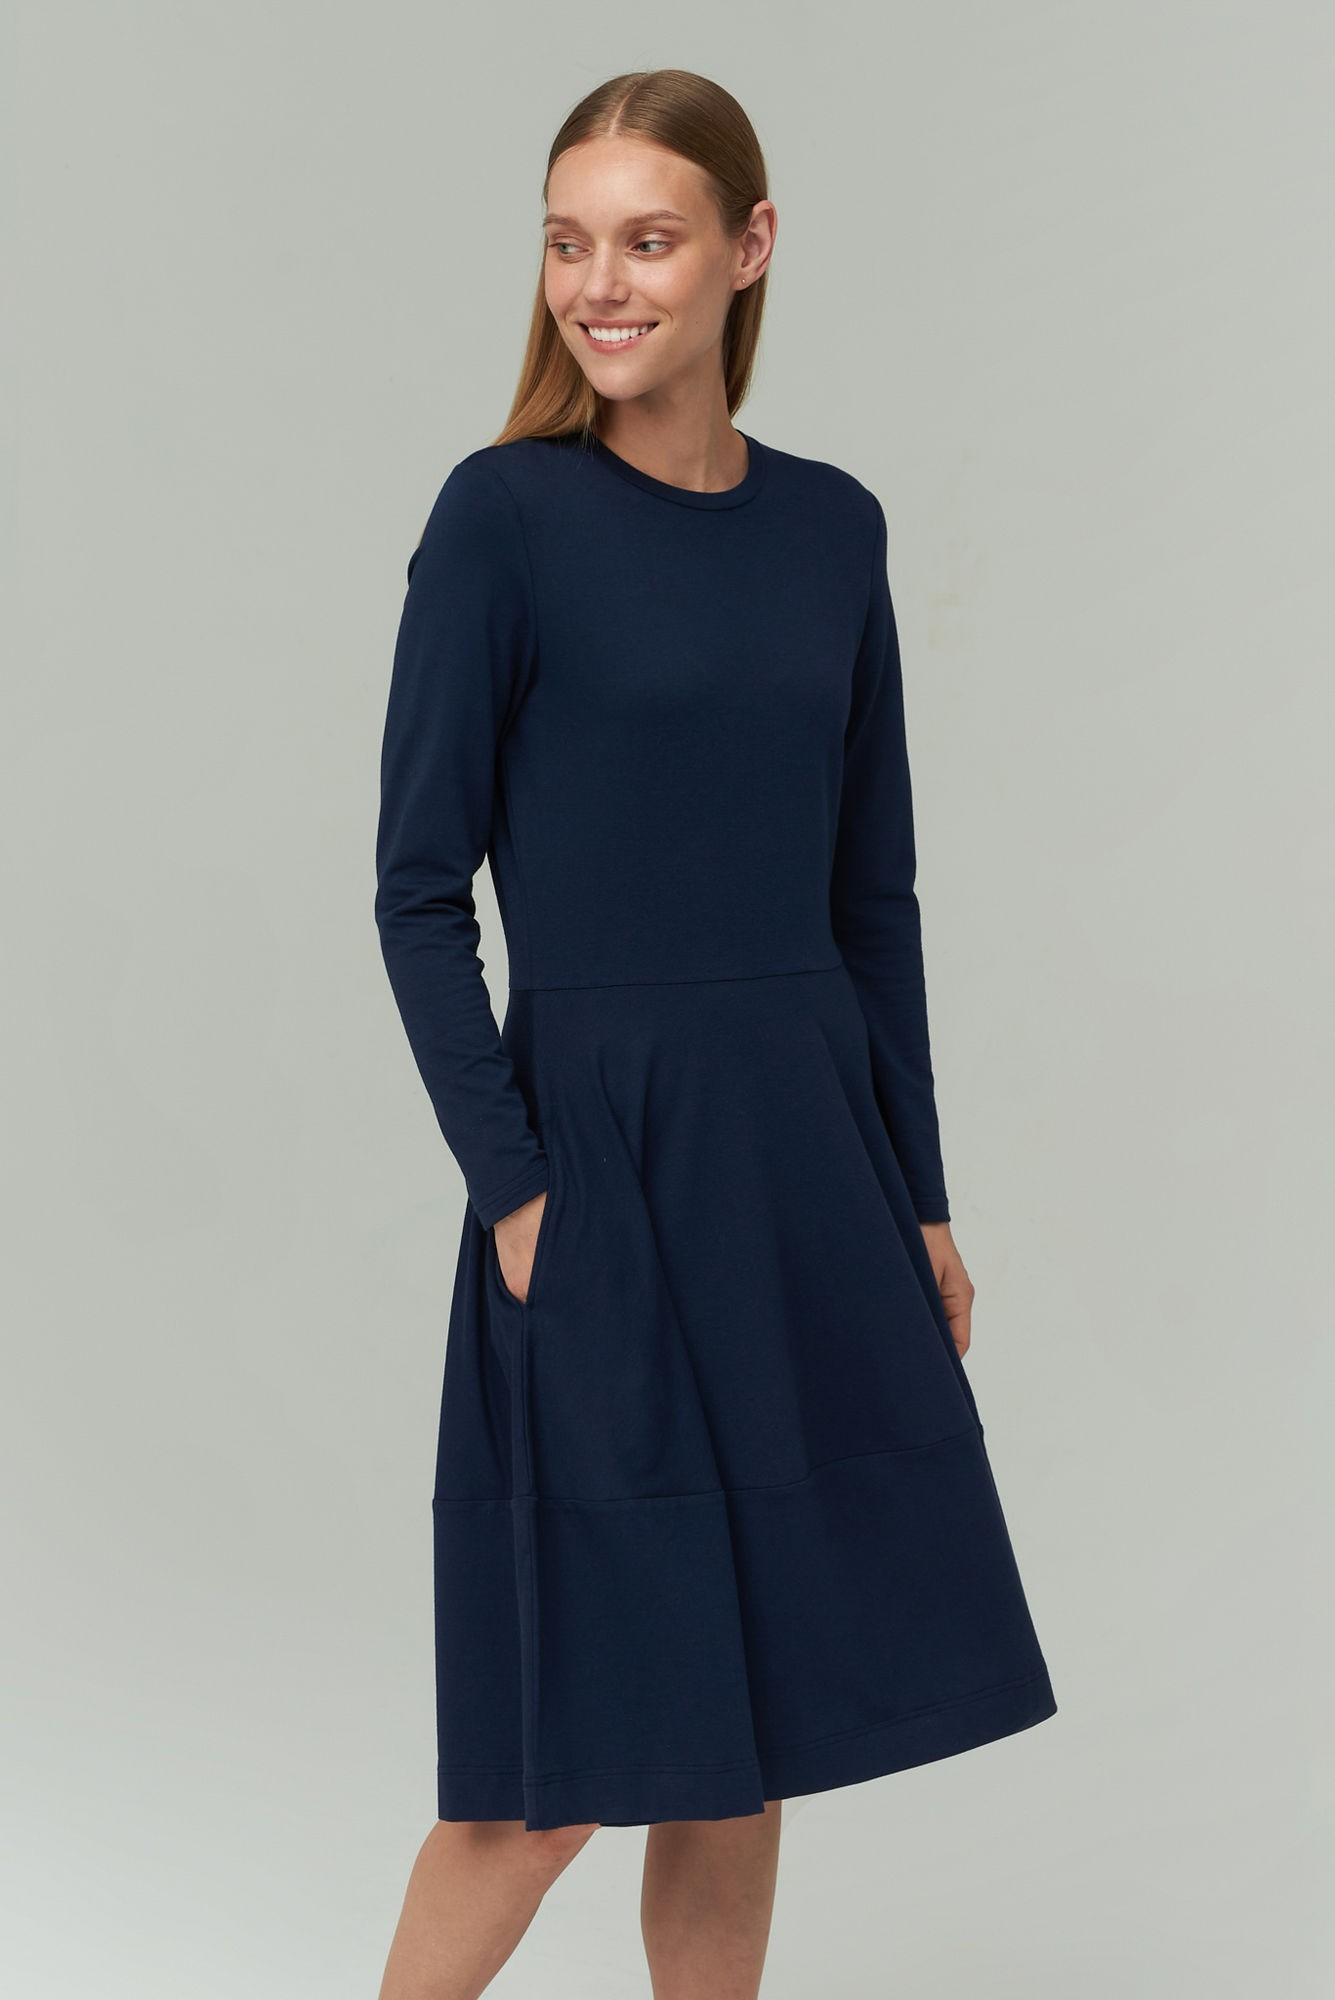 AUDIMAS Švelnaus modalo suknelė 2021-172 Navy Blazer L